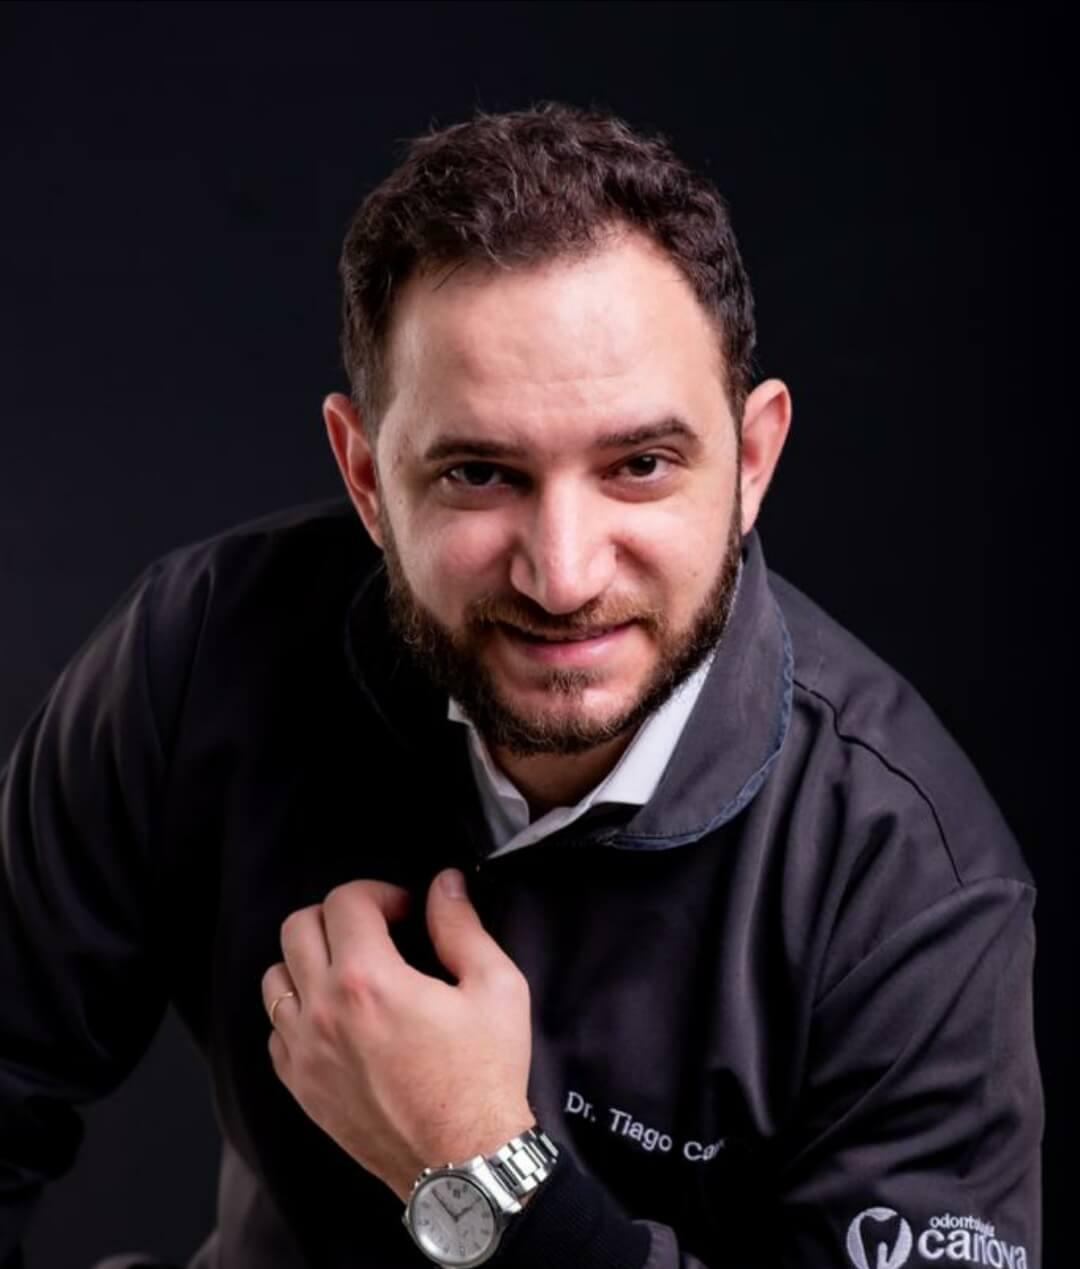 Dr. Tiago Canova Machado